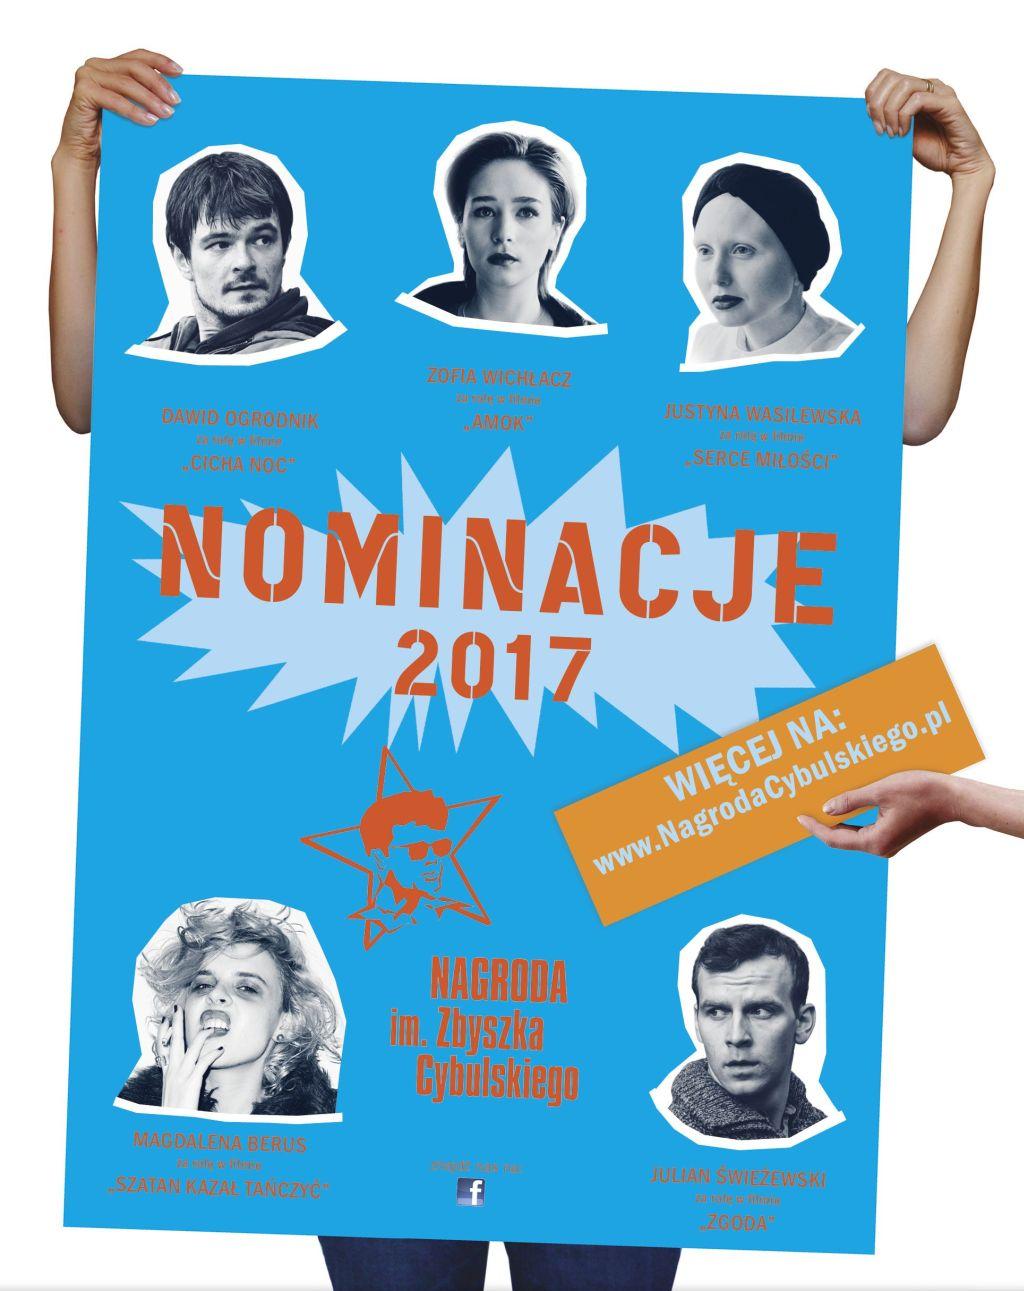 Nominacje do Nagrody im. Zbyszka Cybulskiego 2017 (źródło: materiały prasowe)